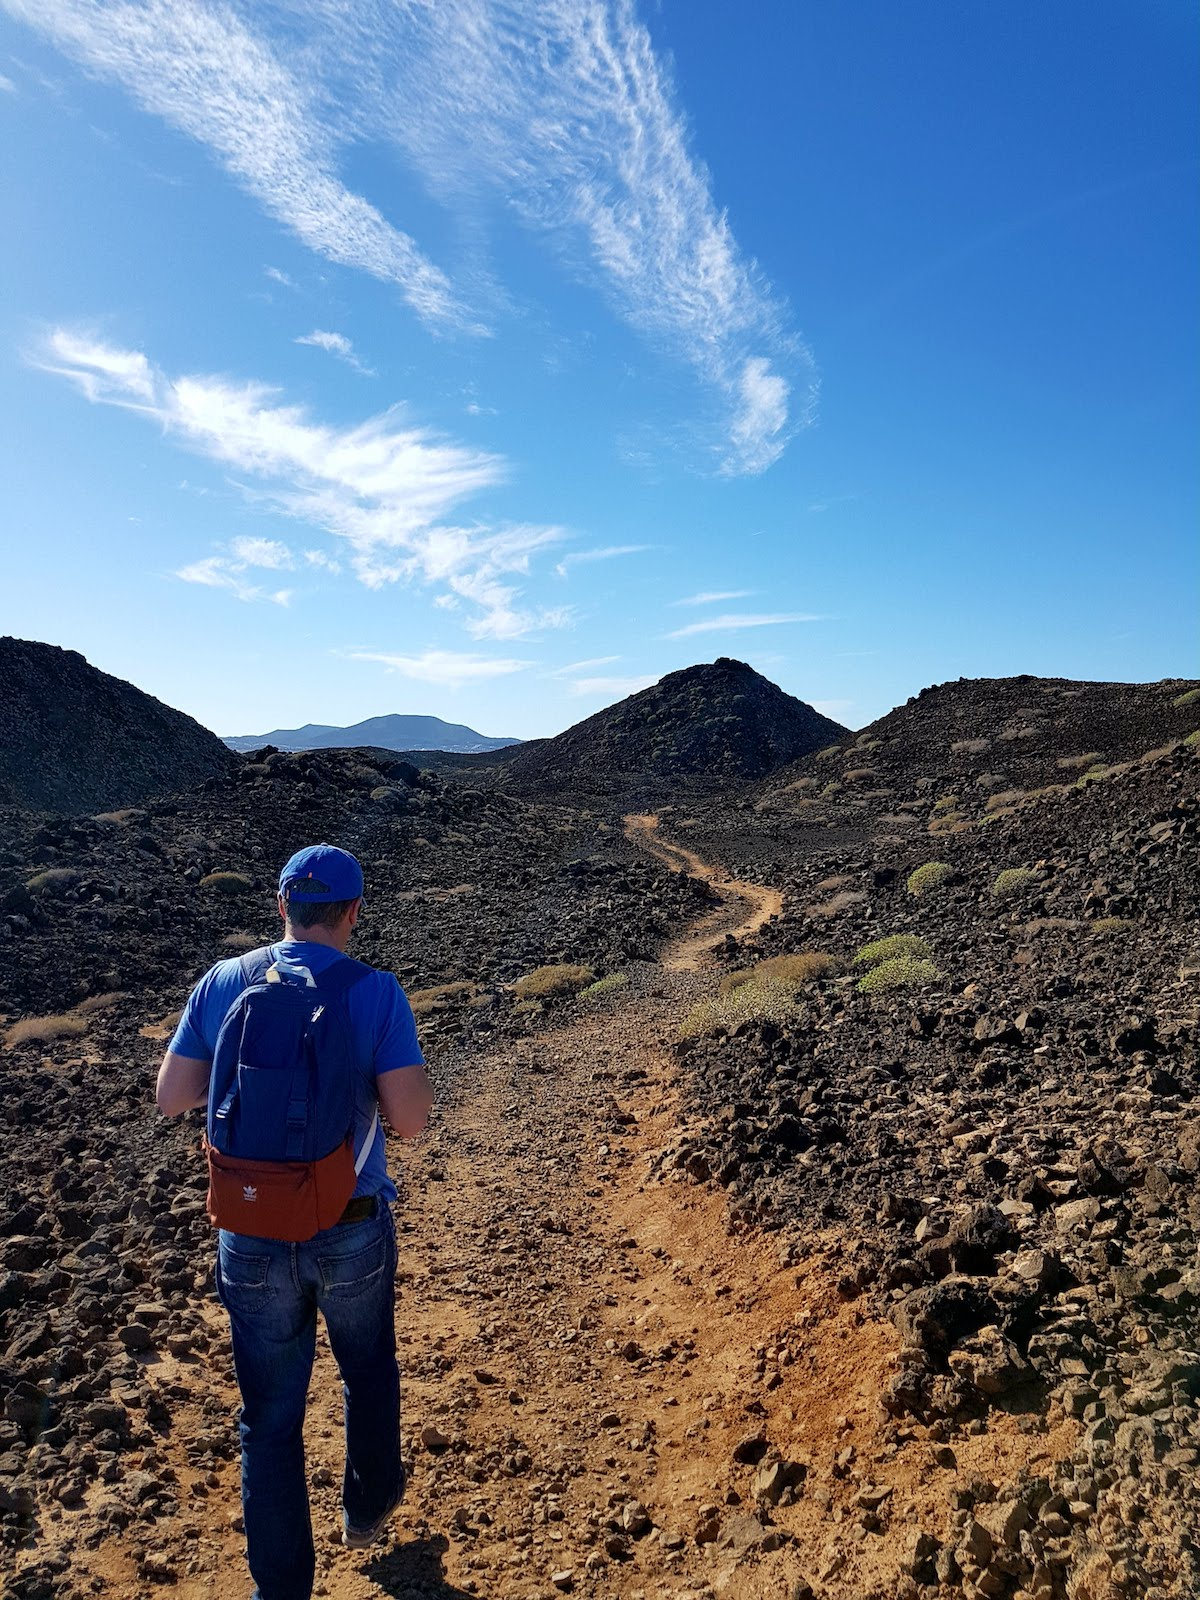 Wanderung auf Isla de Lobos - wie auf einem fernen Planeten